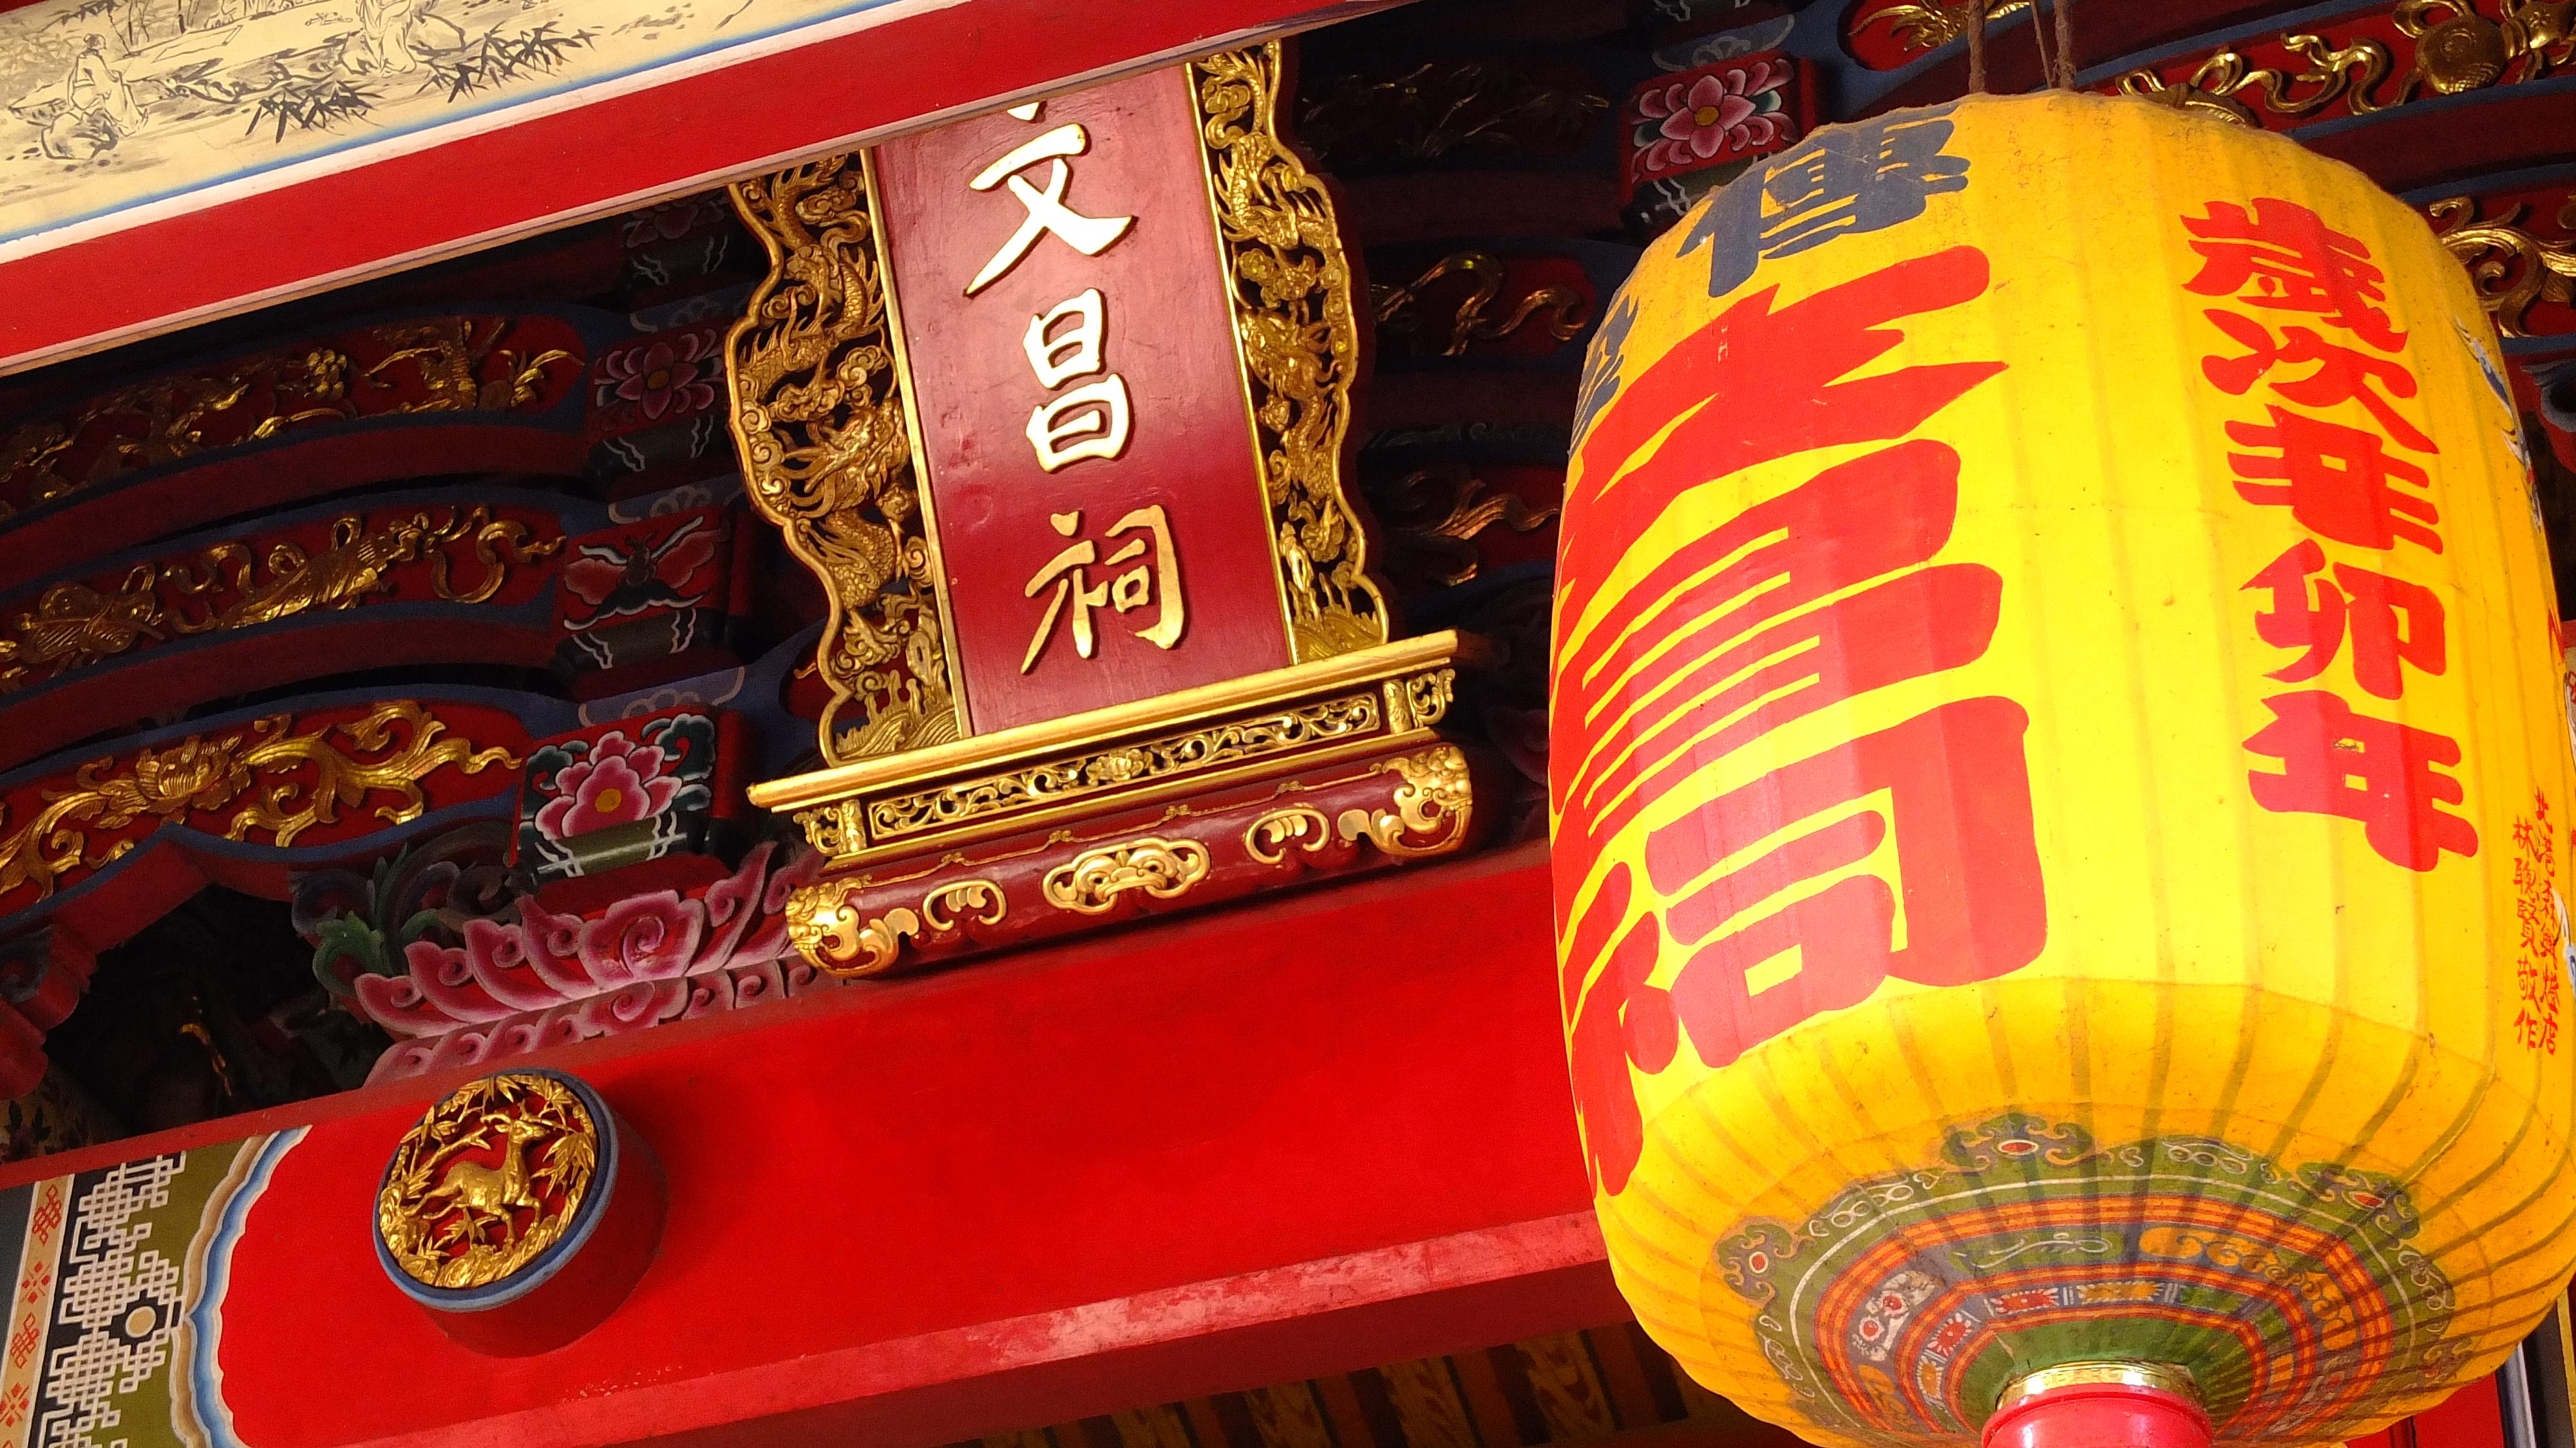 文昌祠為簡潔祠廟型制,乘載傳統人間國寶藝師的巧心與技藝,屋頂簡單的裝飾及燕尾脊,如同飛燕畫下的美麗天際線。 每年依節慶時令舉辦傳統民俗祭典及推廣活動,讓遊客進一步理解祭典文化。